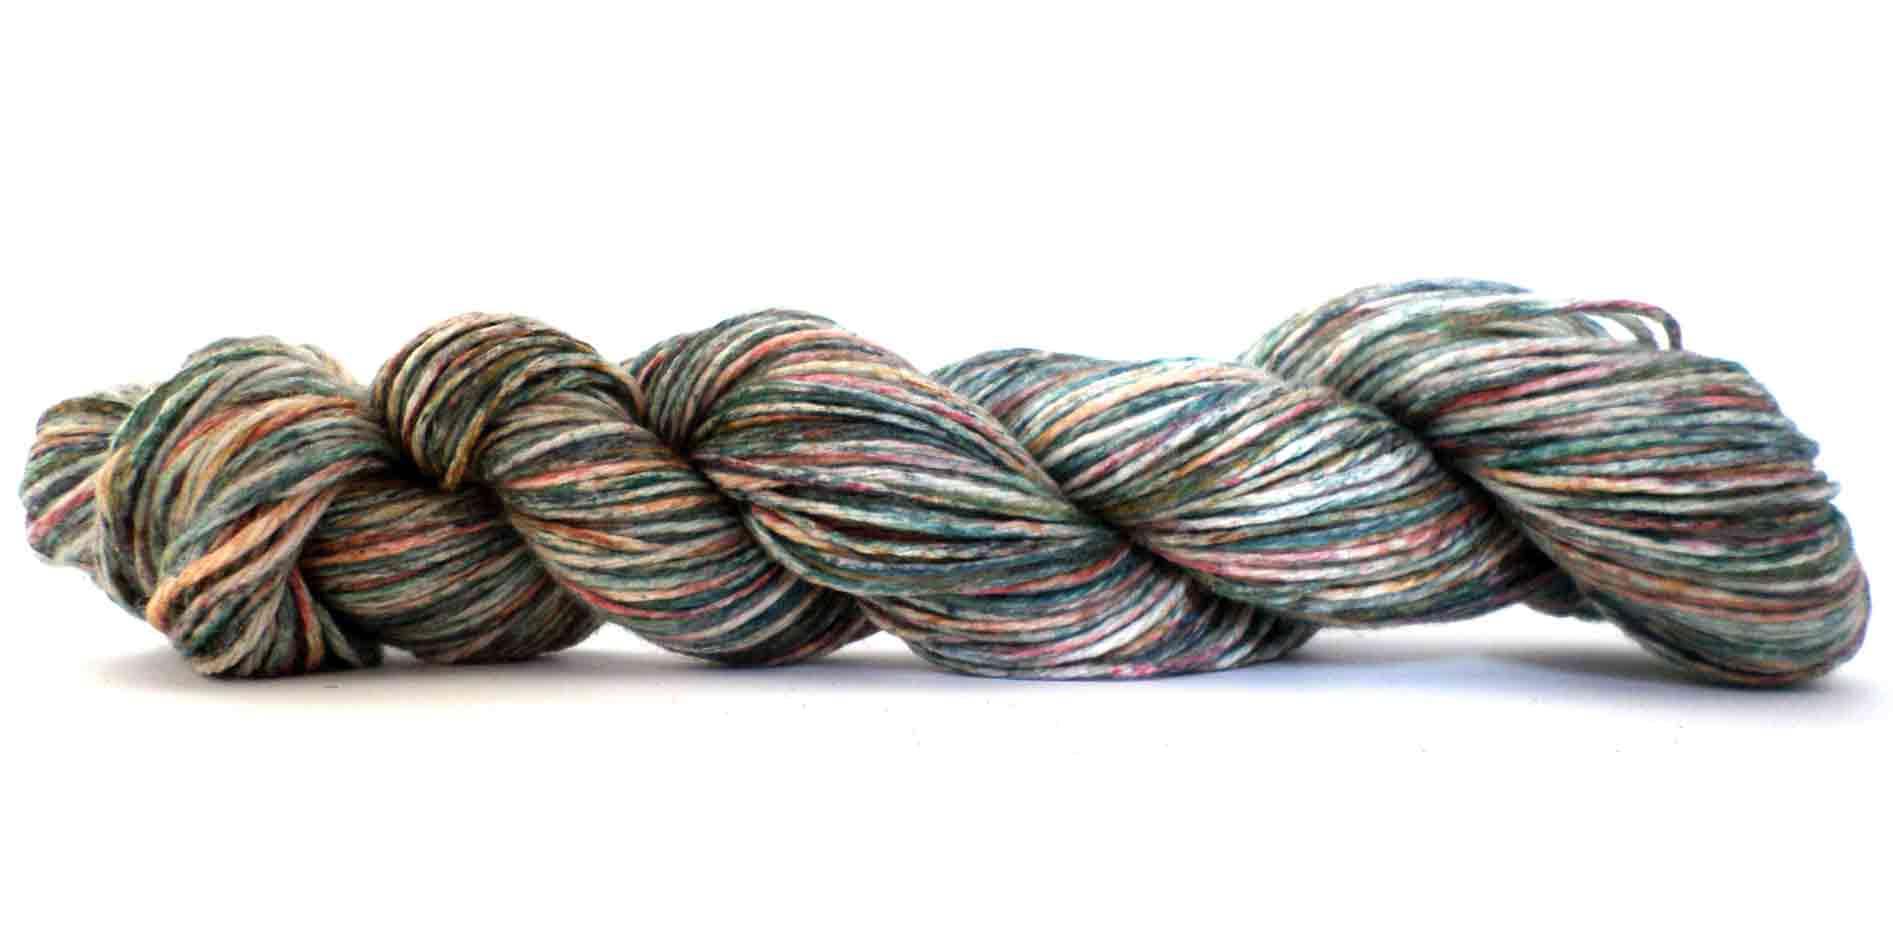 Vintage effect, 100% Merino Wool